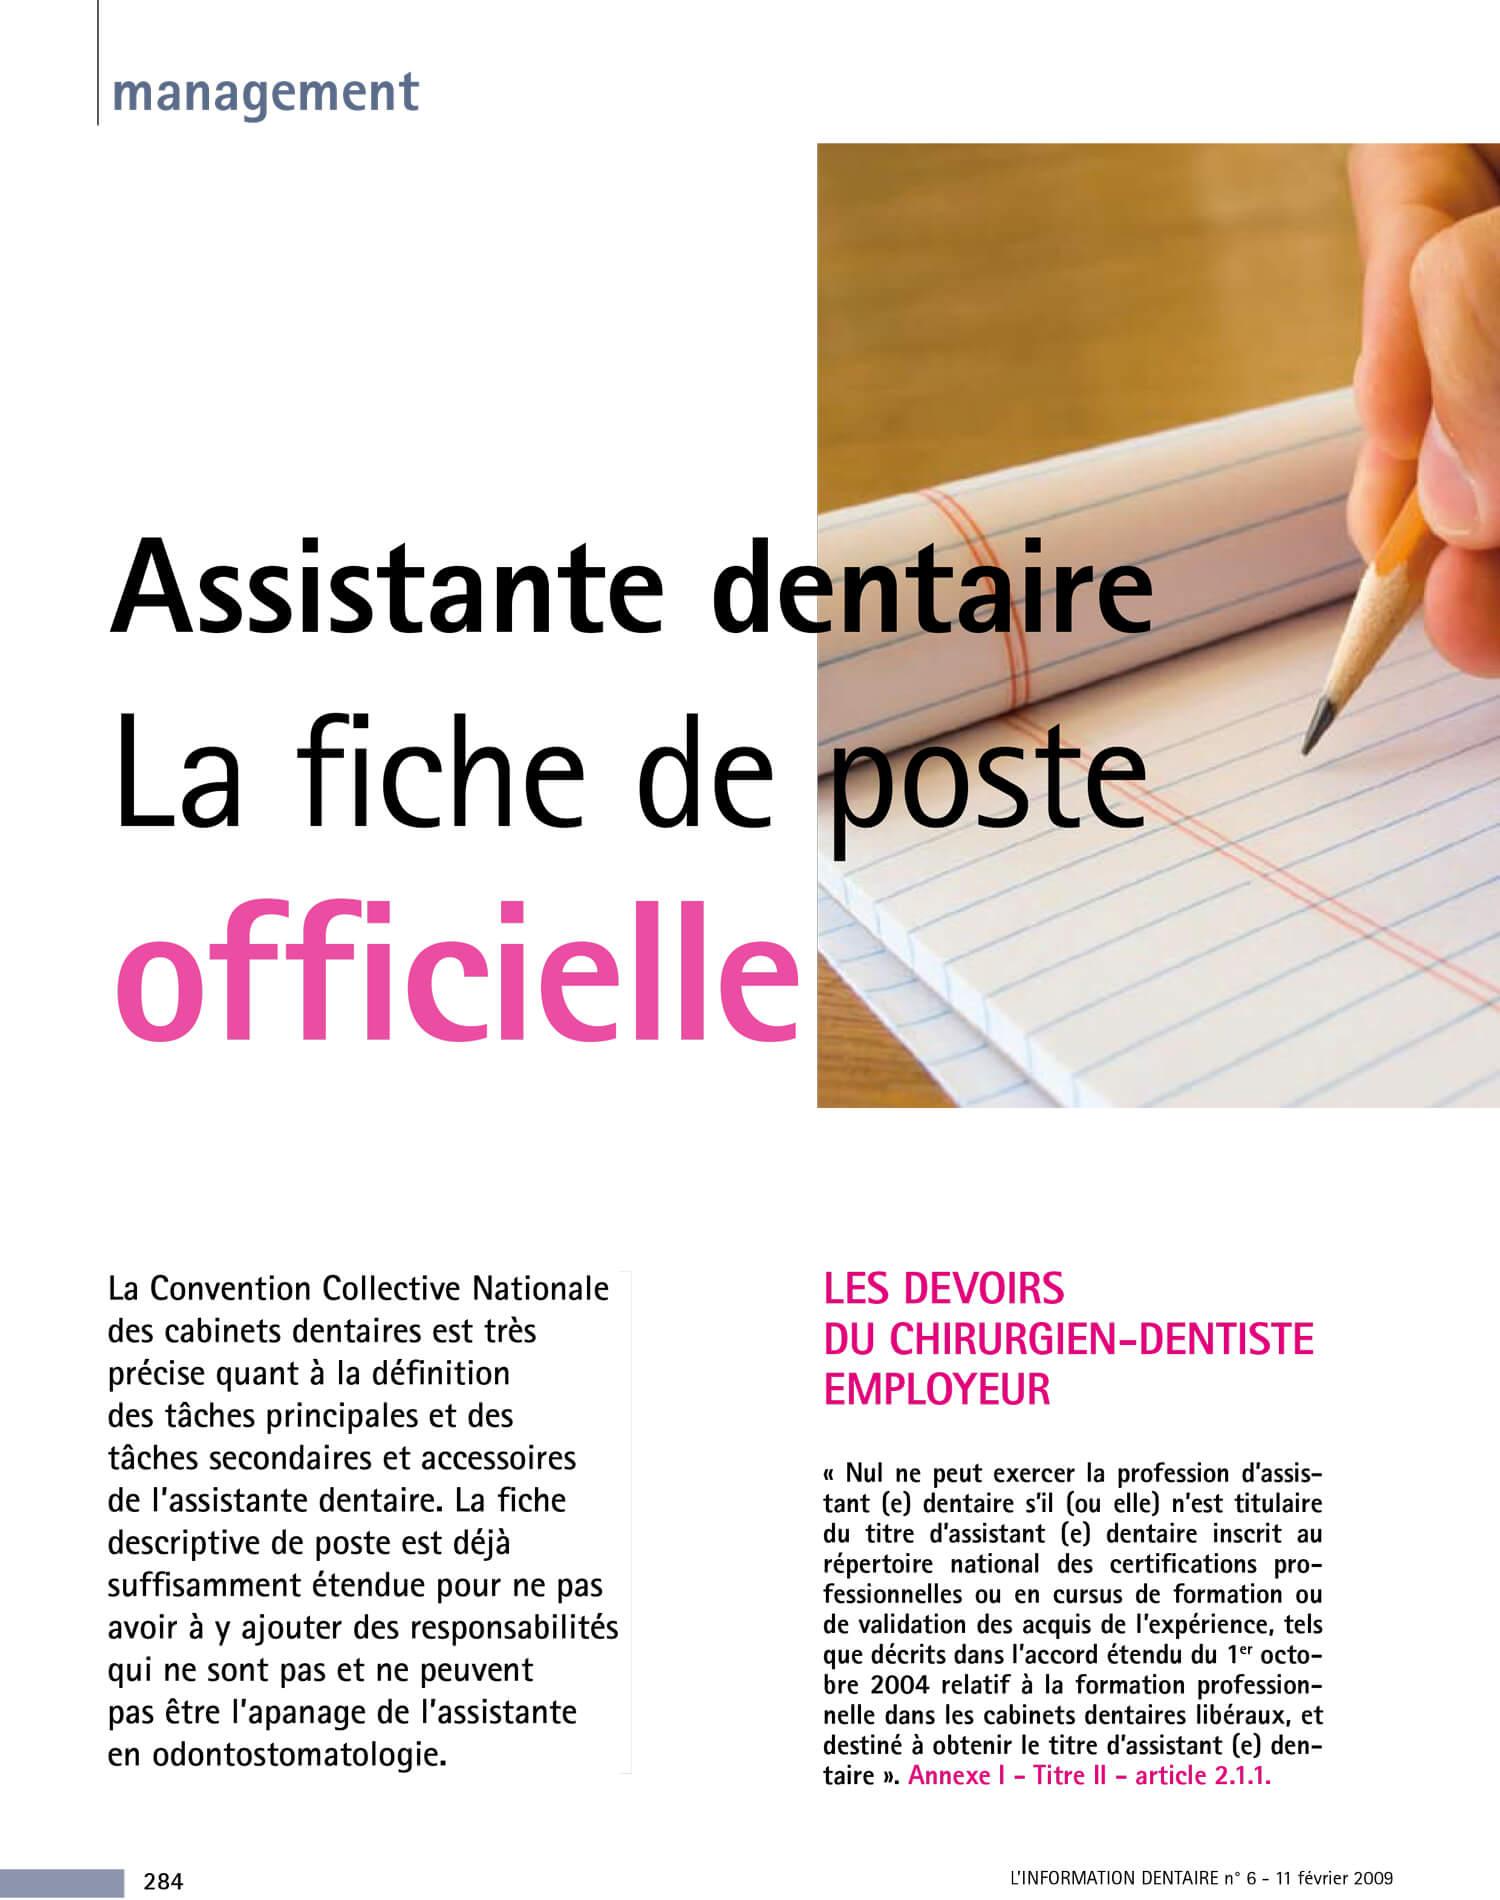 La_fiche_de_poste_officielle_assistante_dentaire_Rodolphe_Cochet.jpg